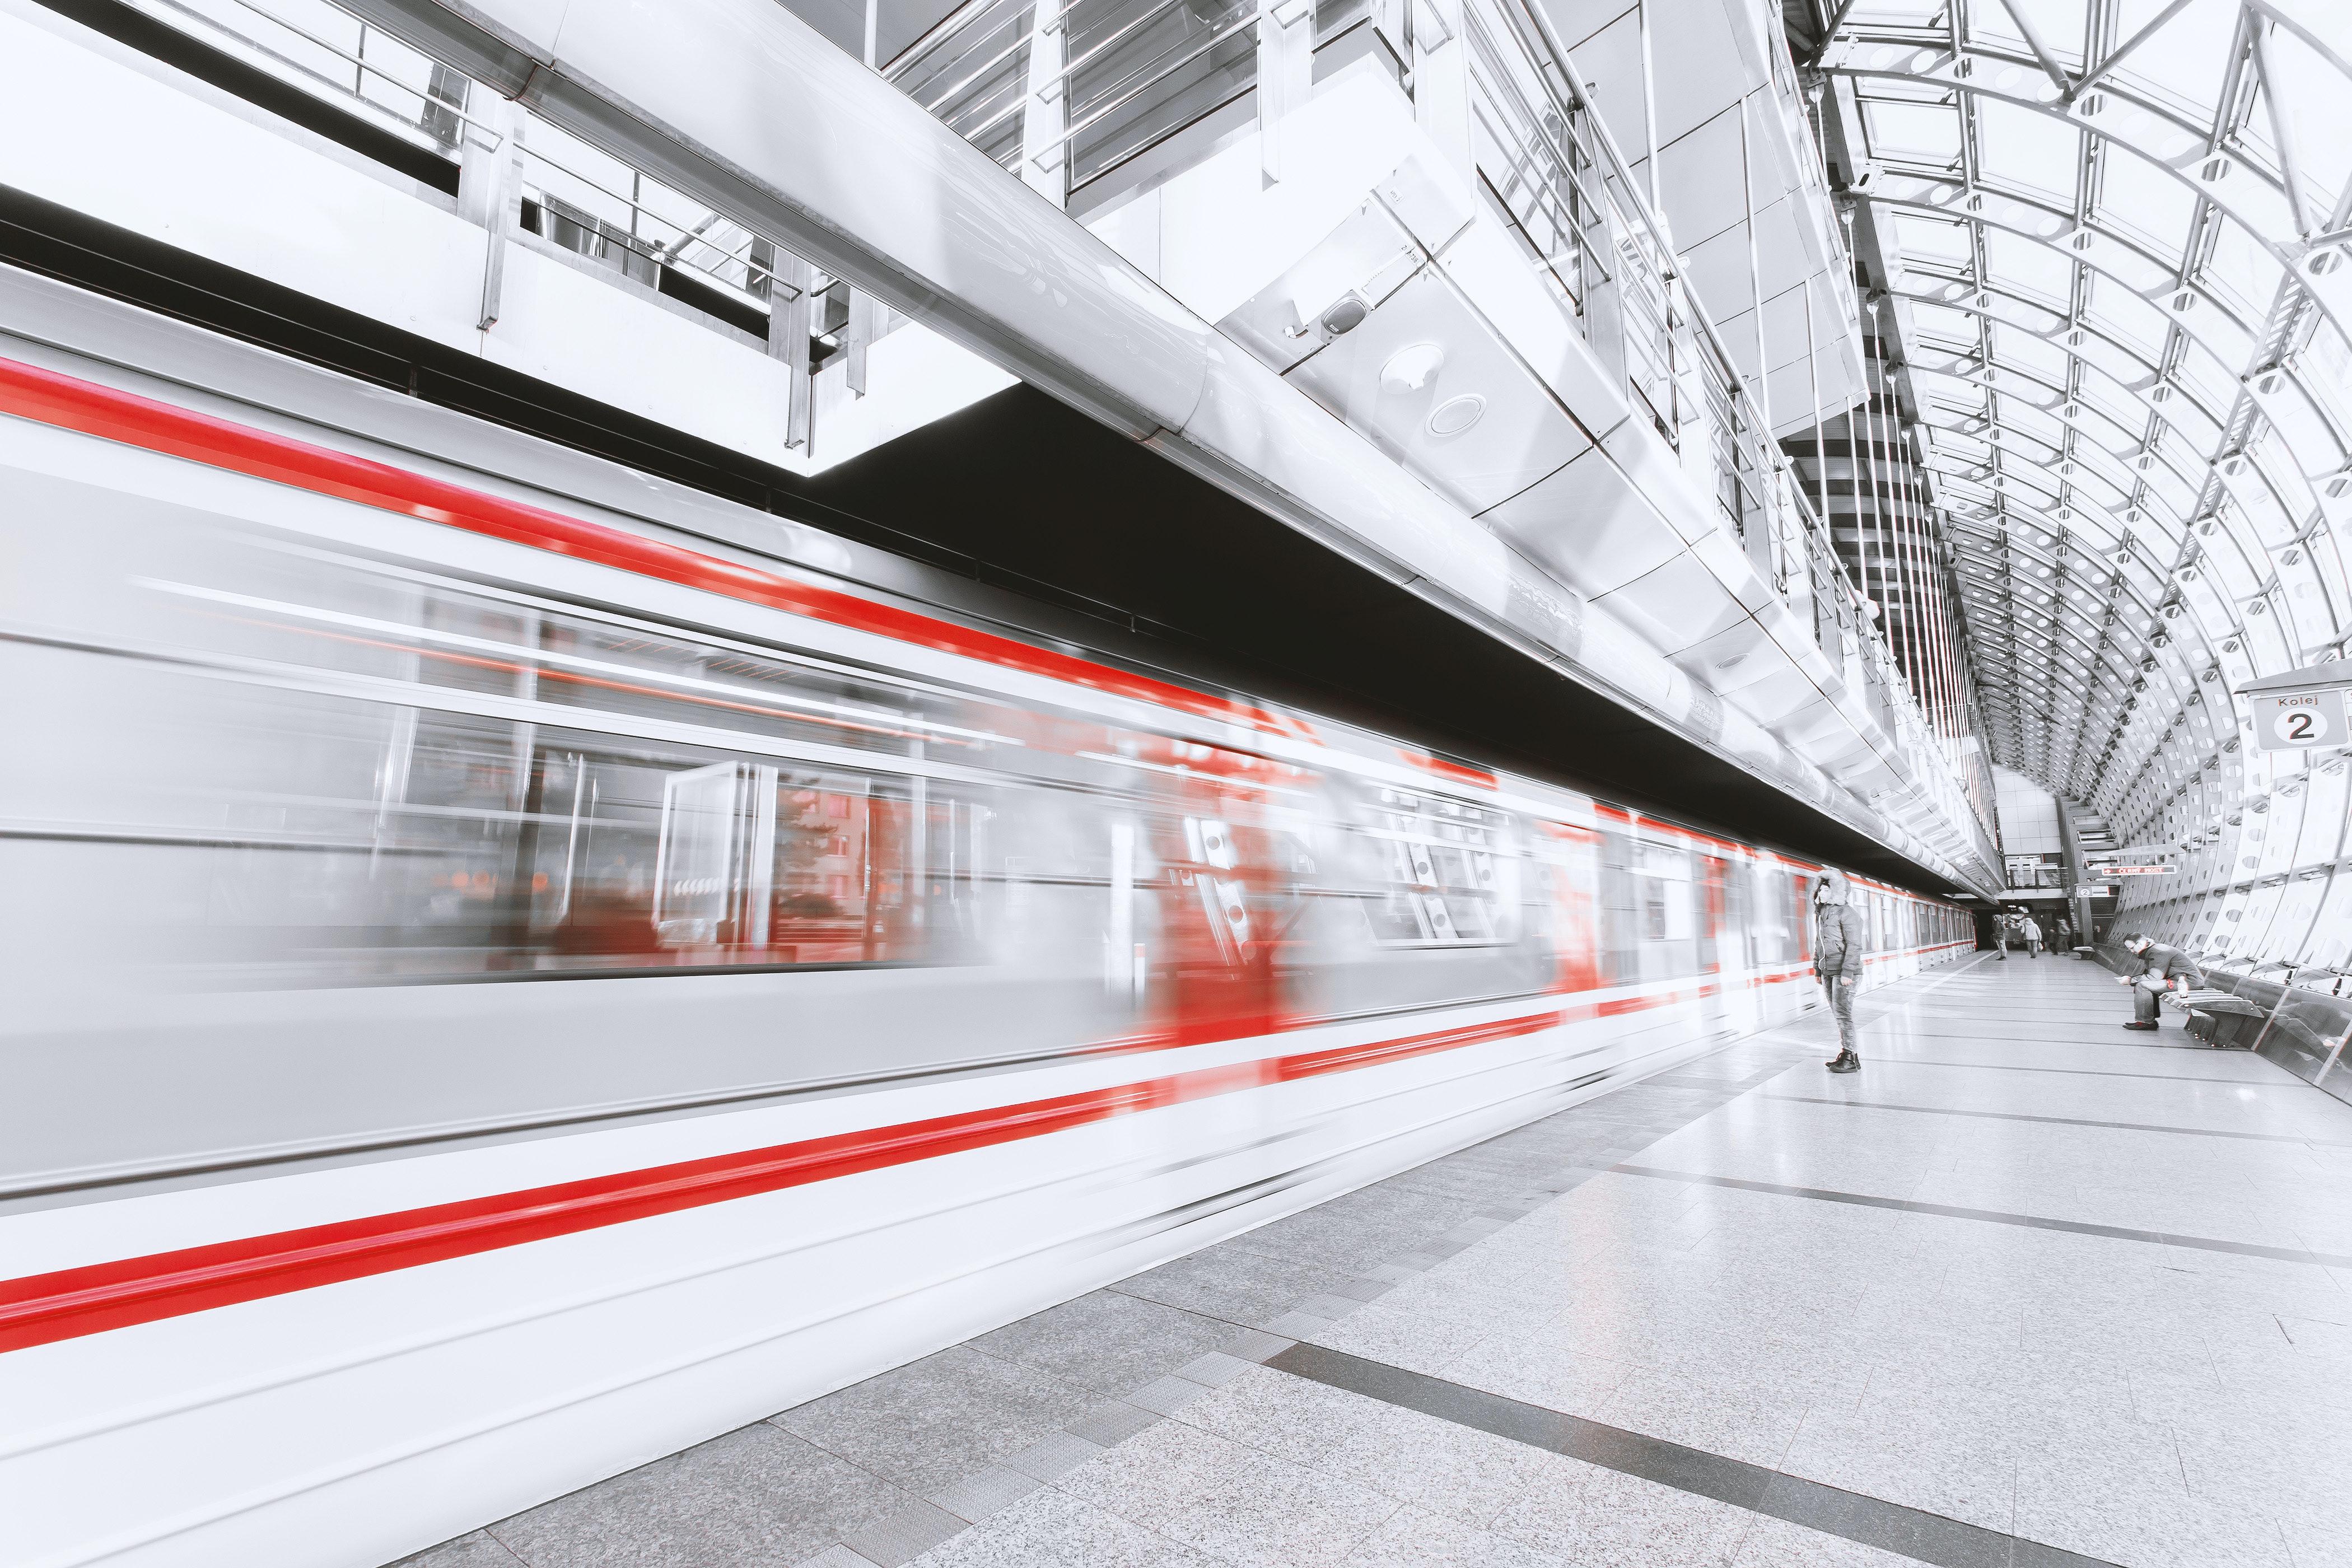 ITM-államtitkár: Magyarországot be kell kötni az európai nagysebességű vasúti hálózatba